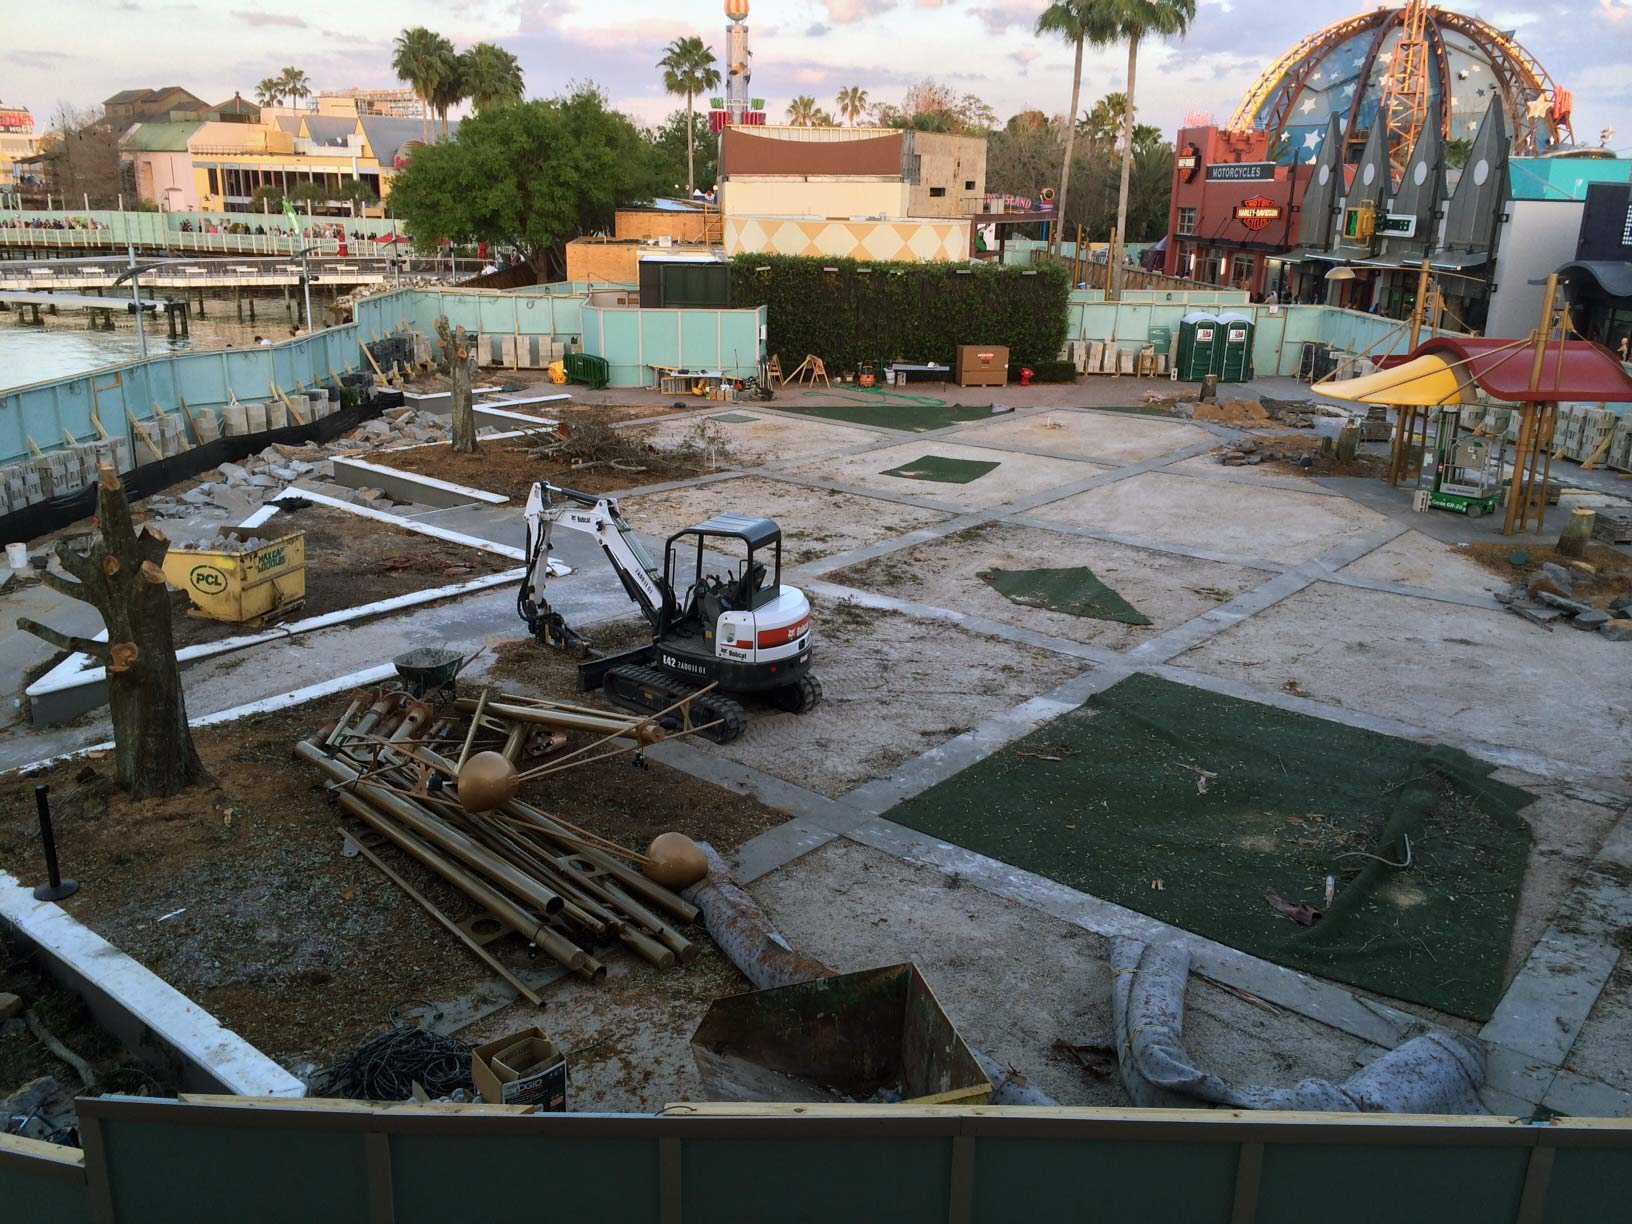 Food Truck Park construction site